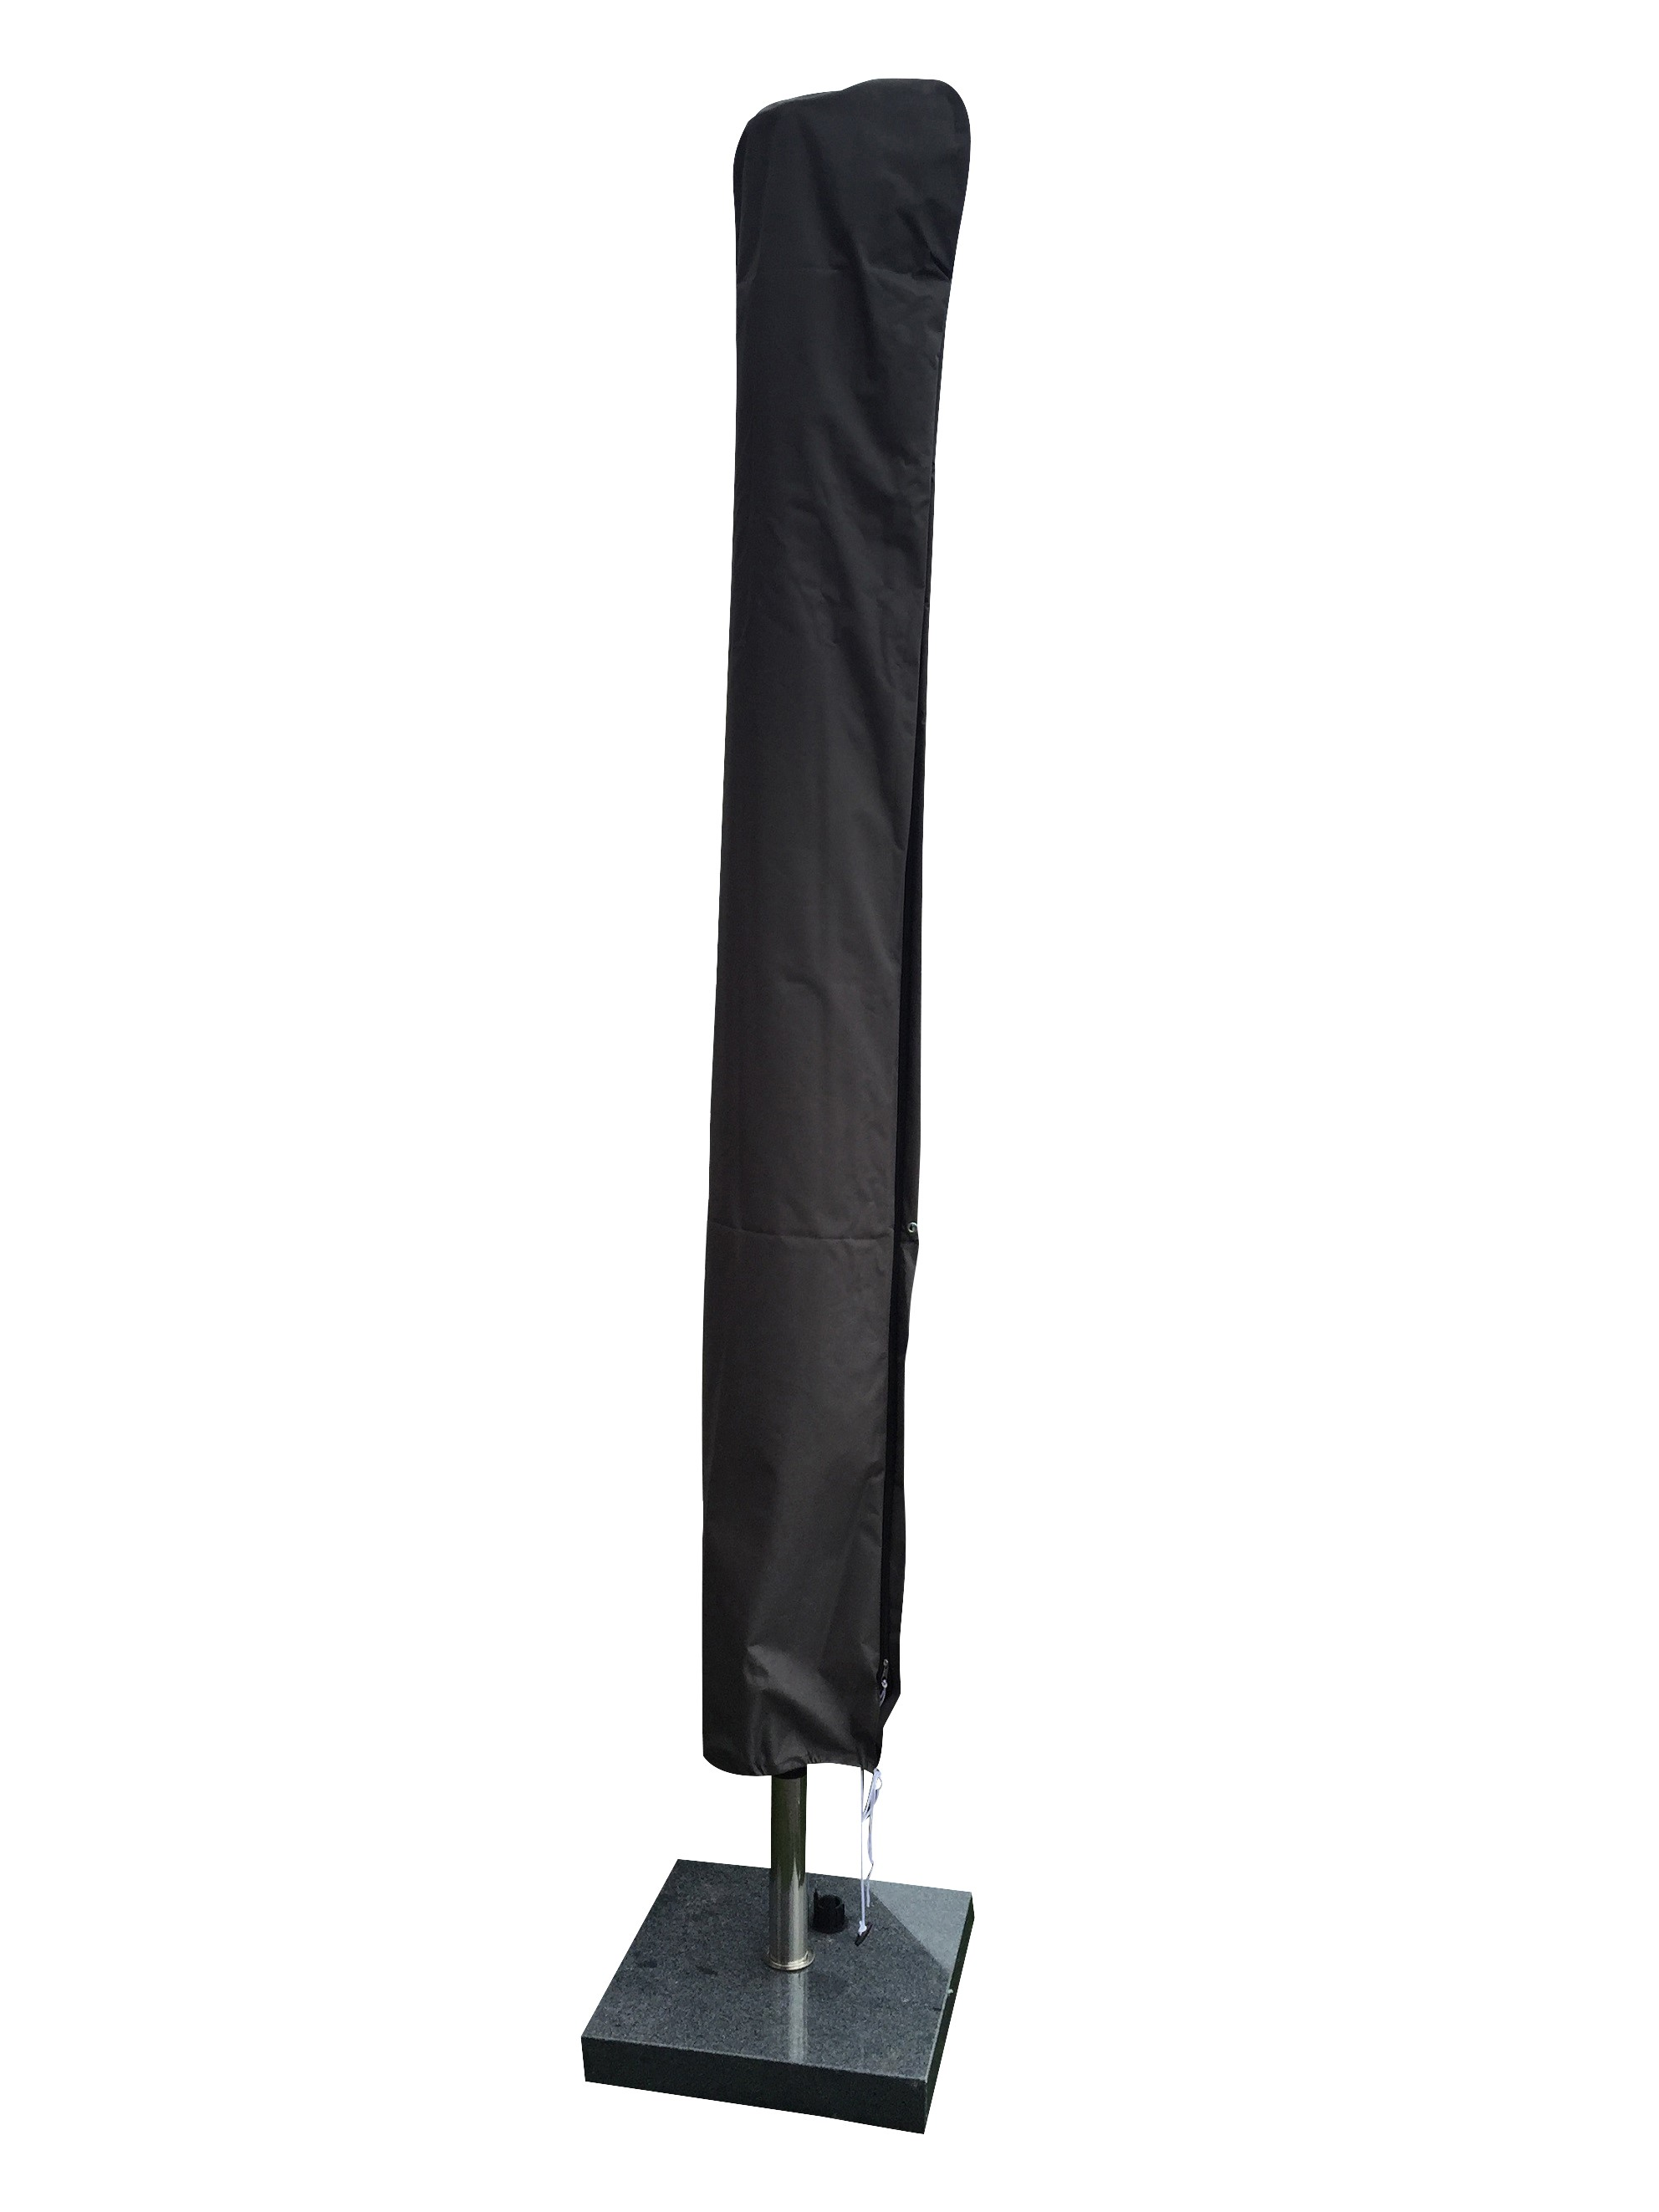 schutzh lle mit stab f r mittelmast sonnenschirme 250 400cm 1 grau schutzh llen. Black Bedroom Furniture Sets. Home Design Ideas